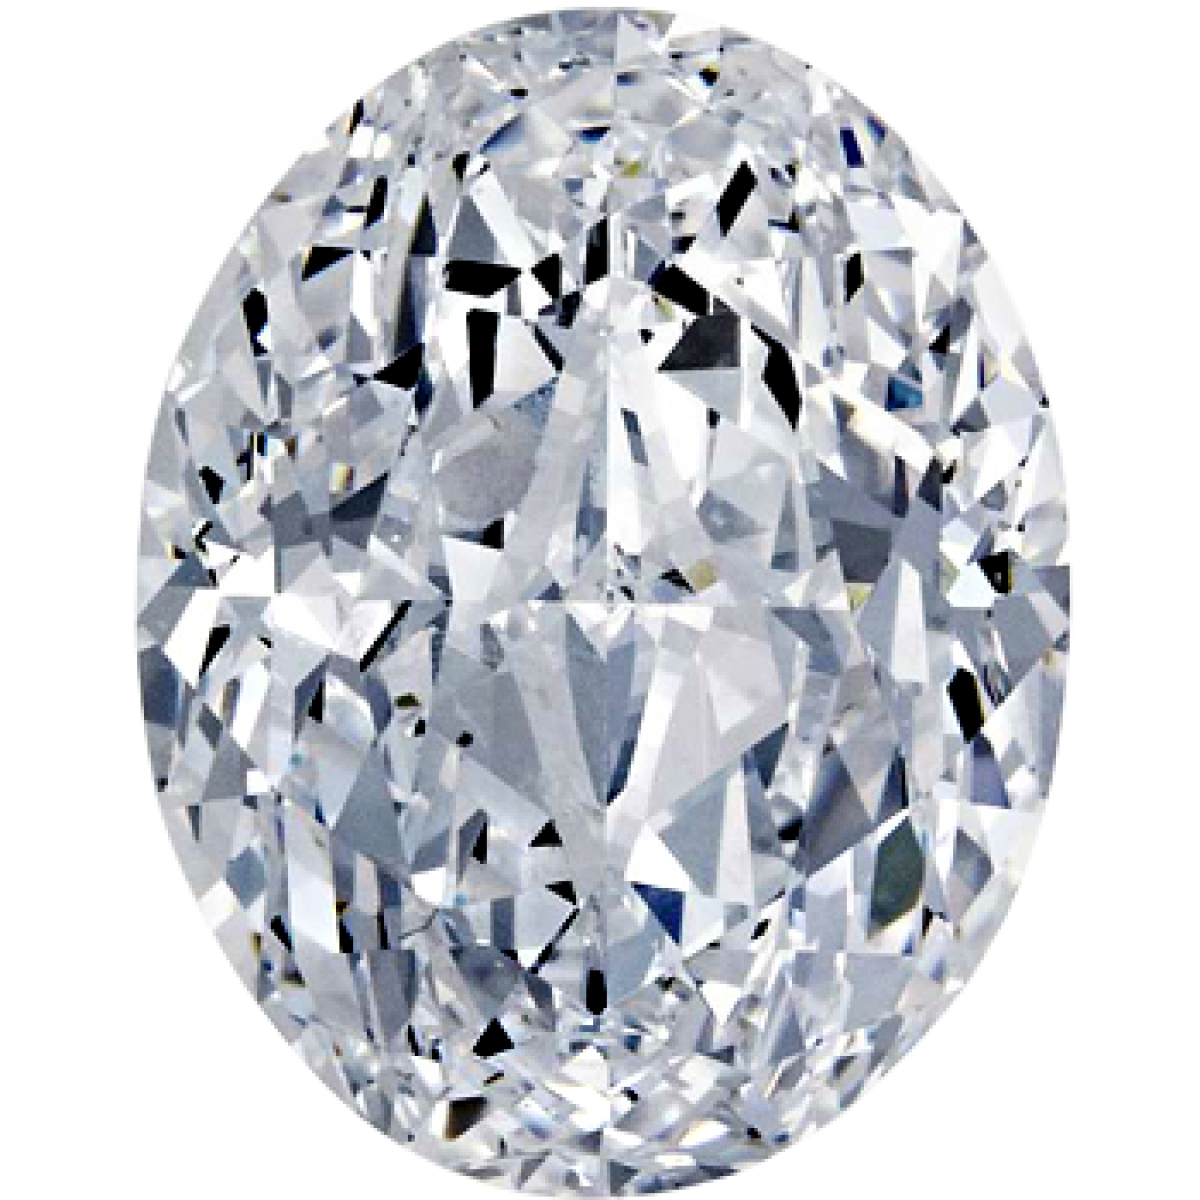 0.72 Carat F VS2 Oval Cut Lab Grown Diamond 6107